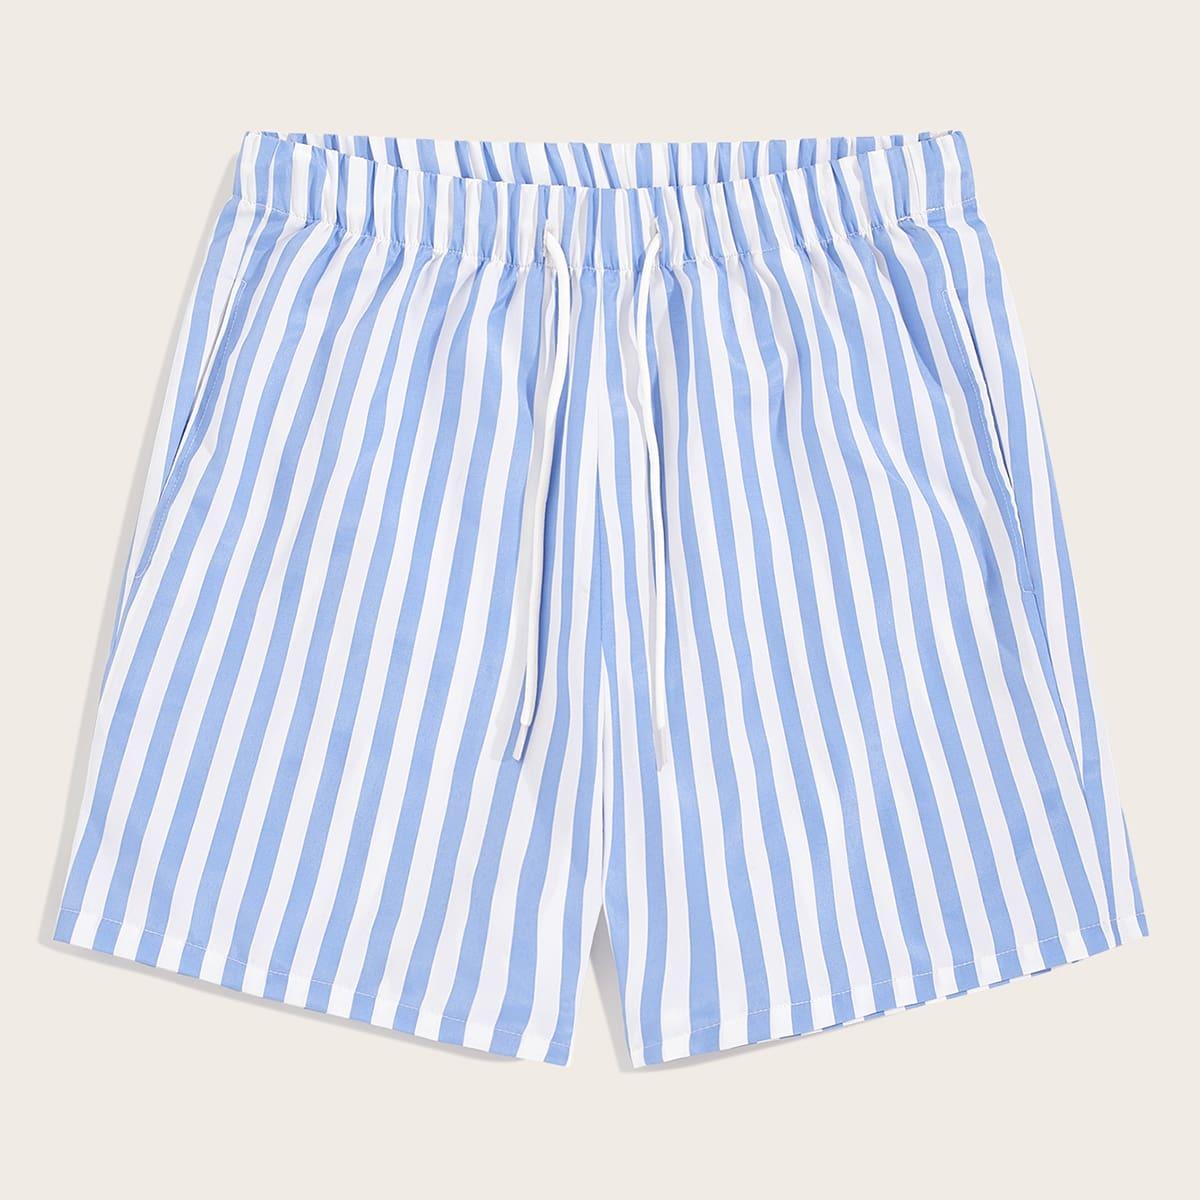 Мужские шорты в полоску с эластичной талией